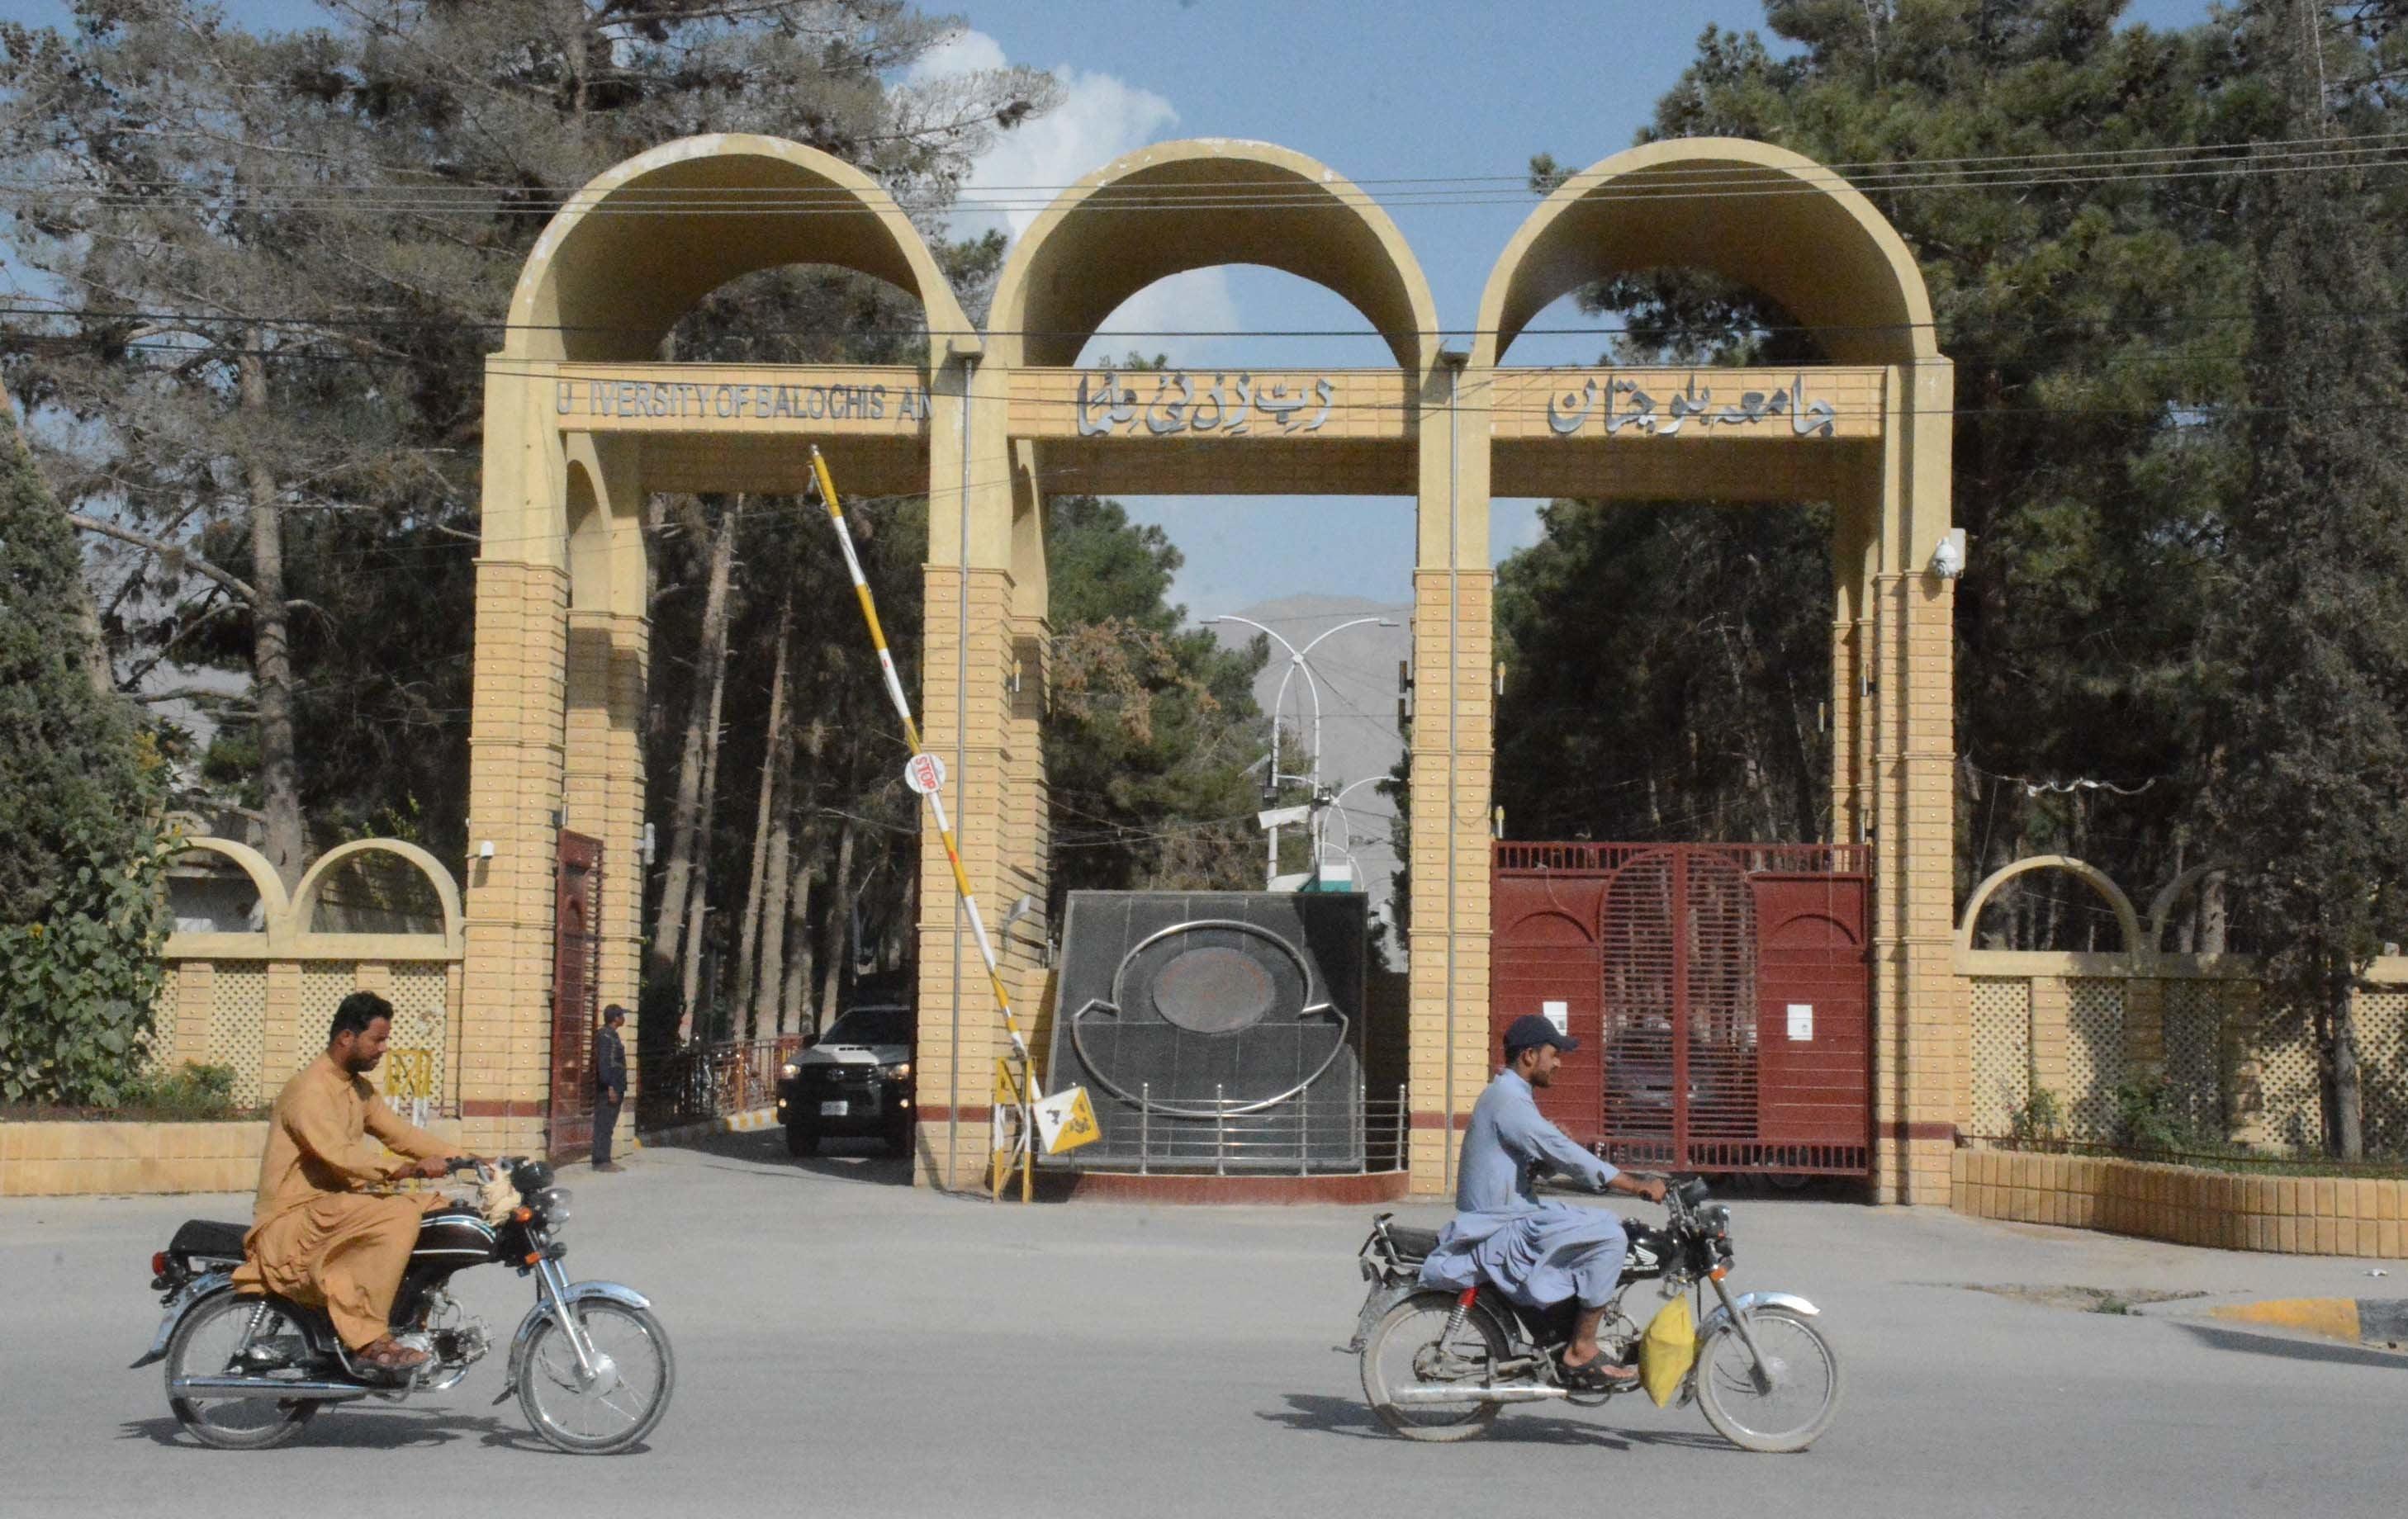 کوئٹہ میں قائم یونیورسٹی آف بلوچستان کا داخلی دروازہ – فوٹو: مظہر چانڈیو